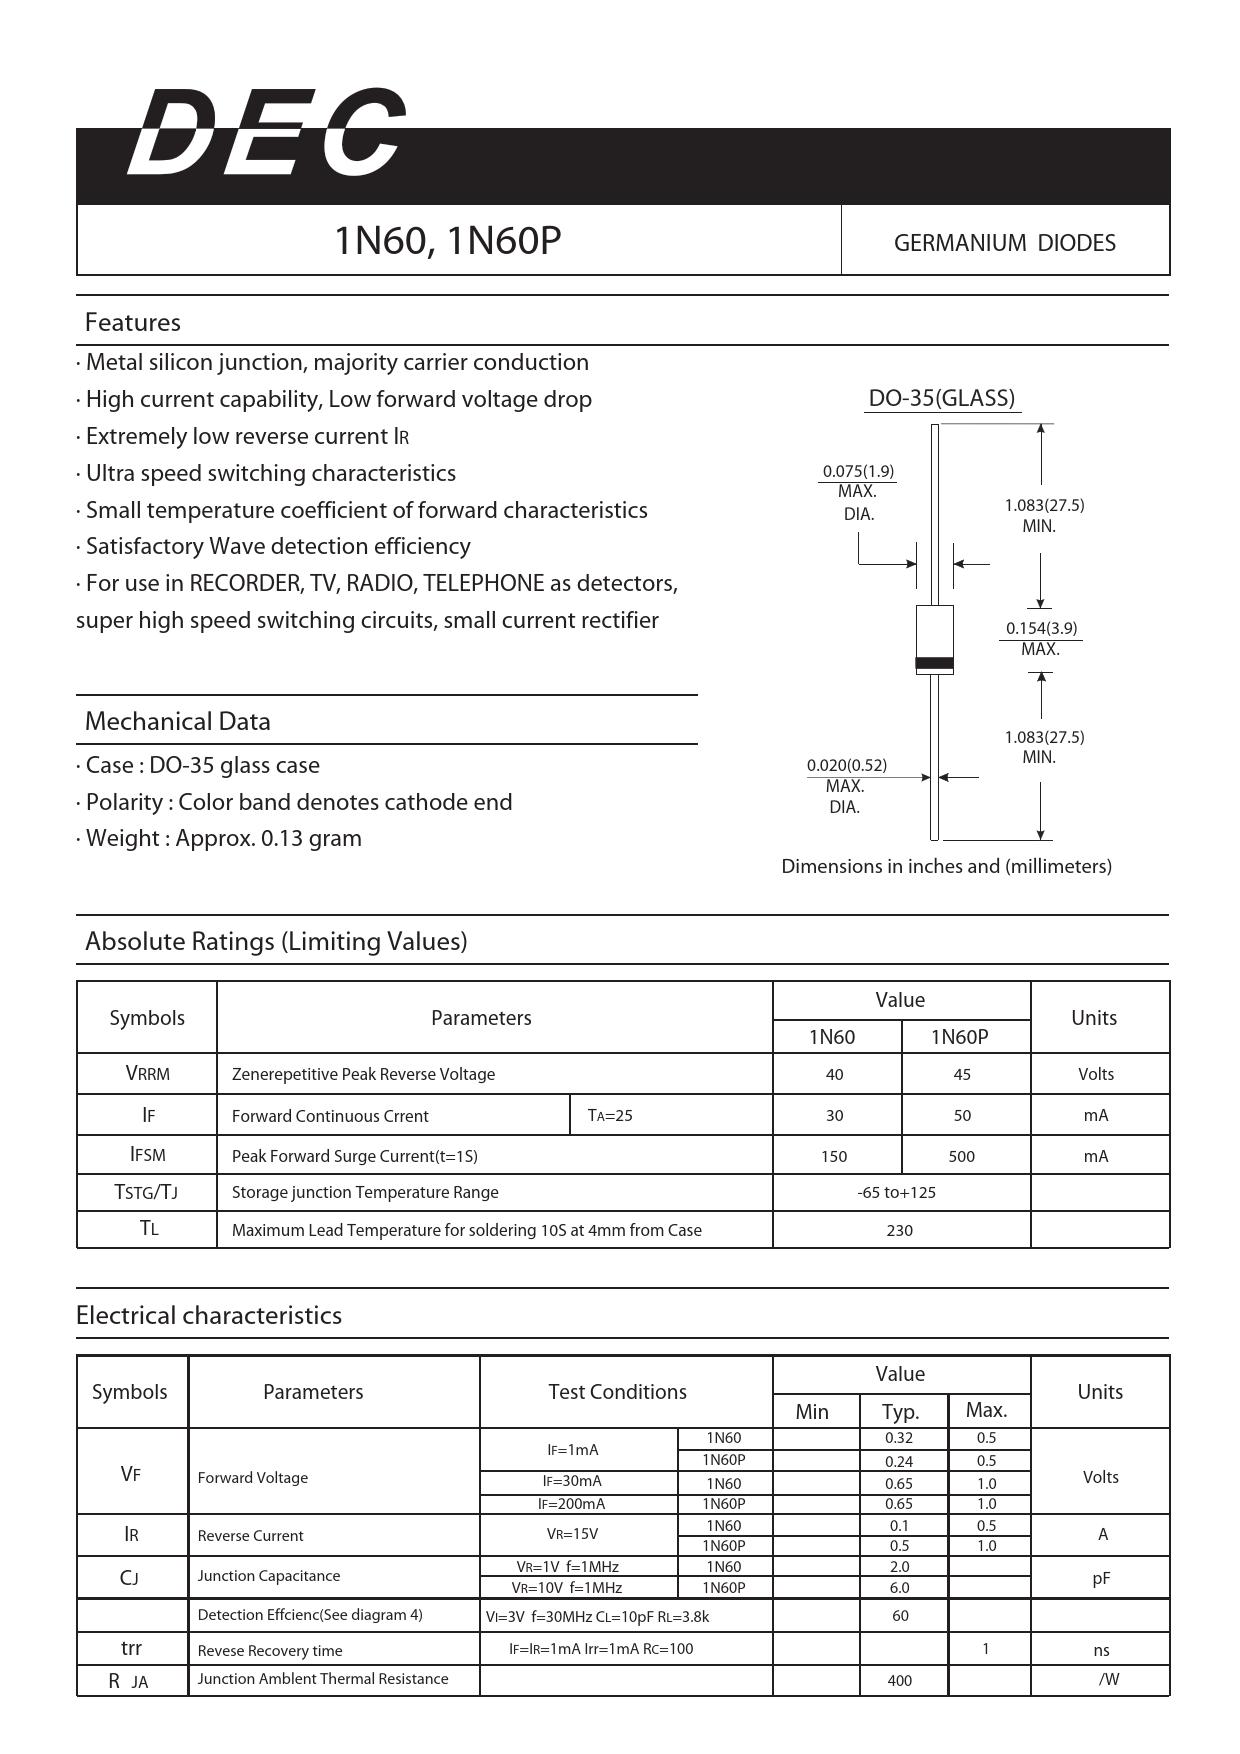 Datasheet 1N60, 1N60P DEC